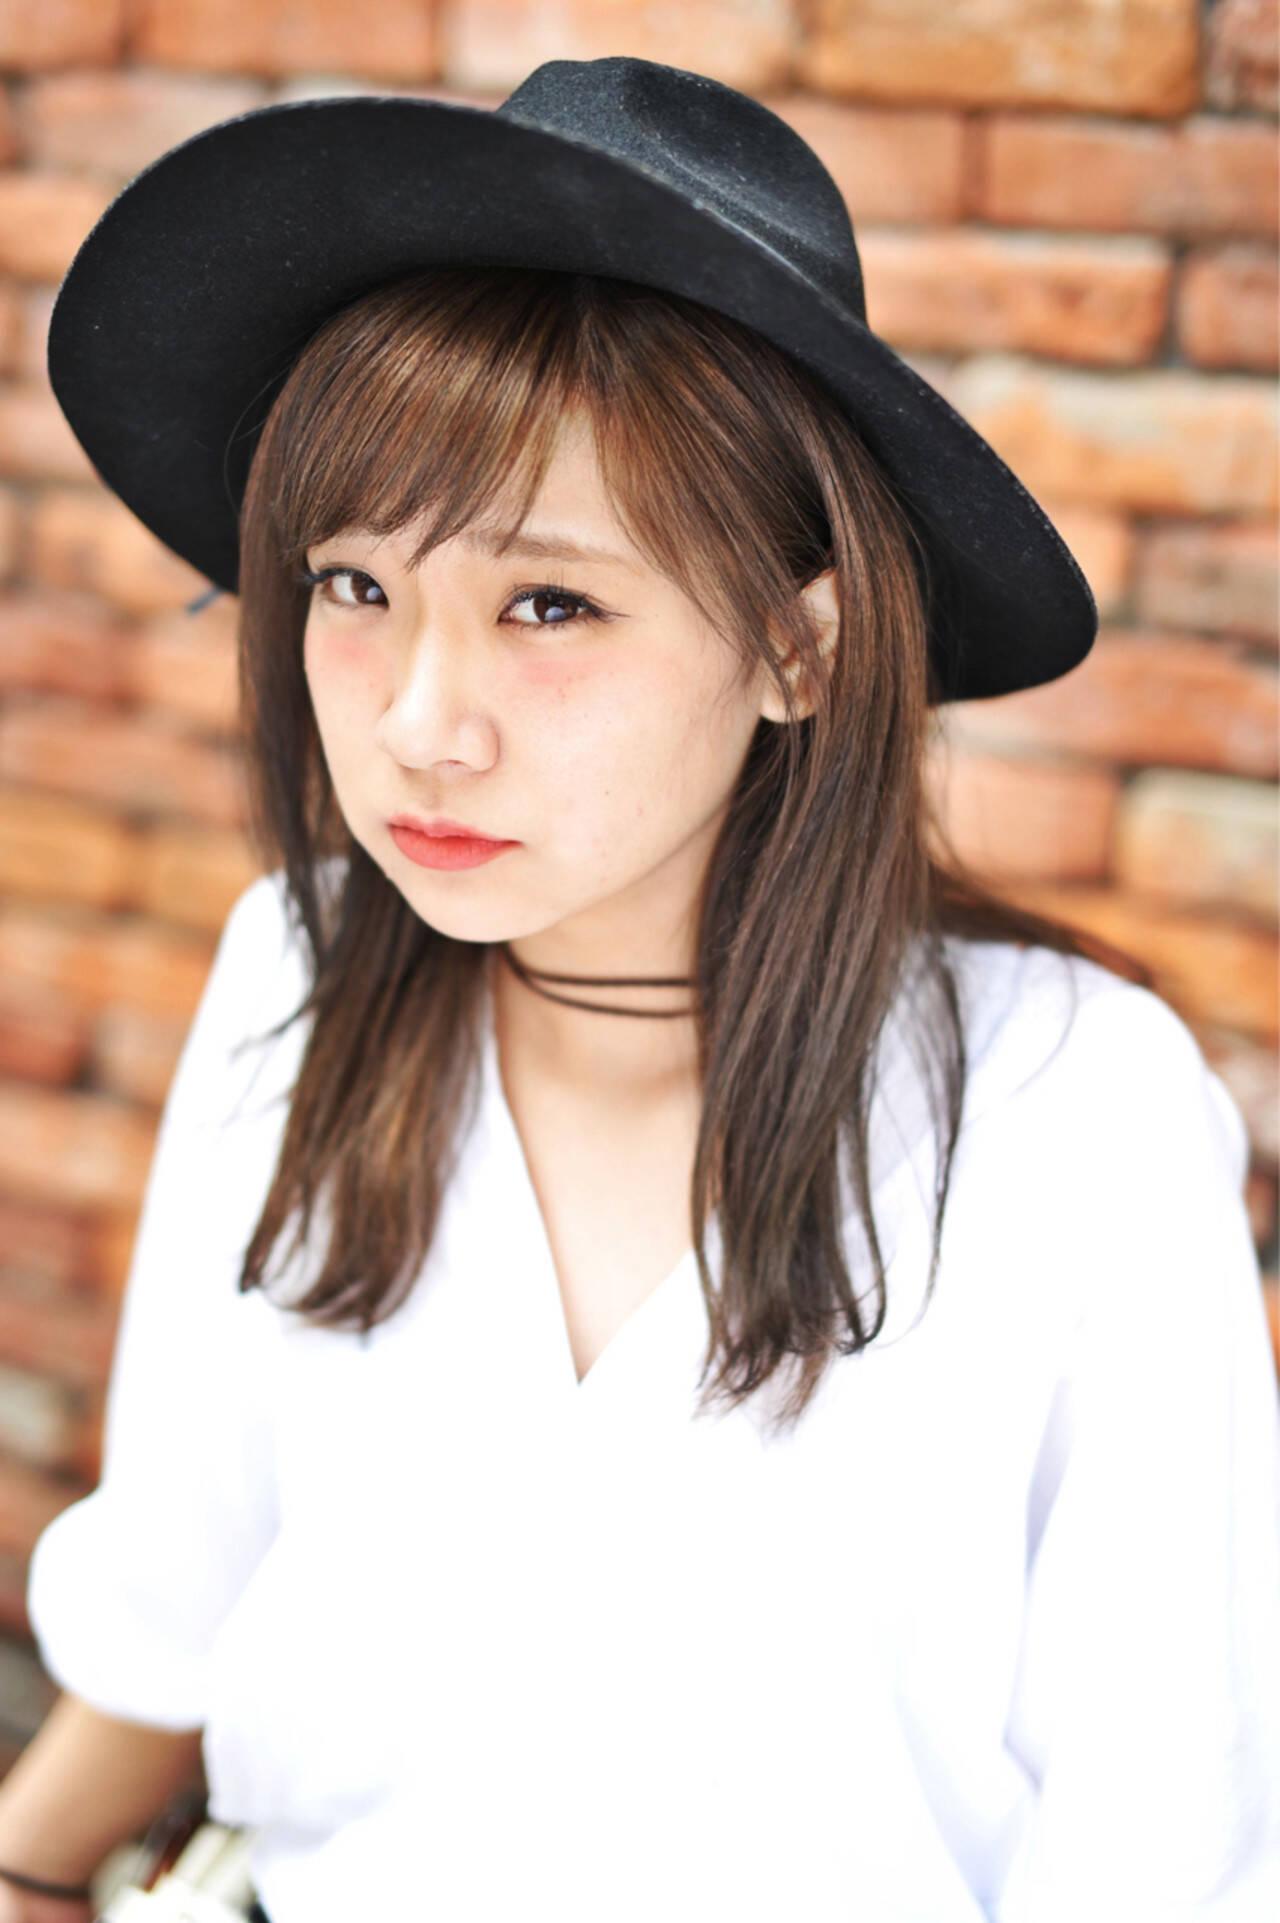 簡単ヘアアレンジ 色気 暗髪 ストリートヘアスタイルや髪型の写真・画像